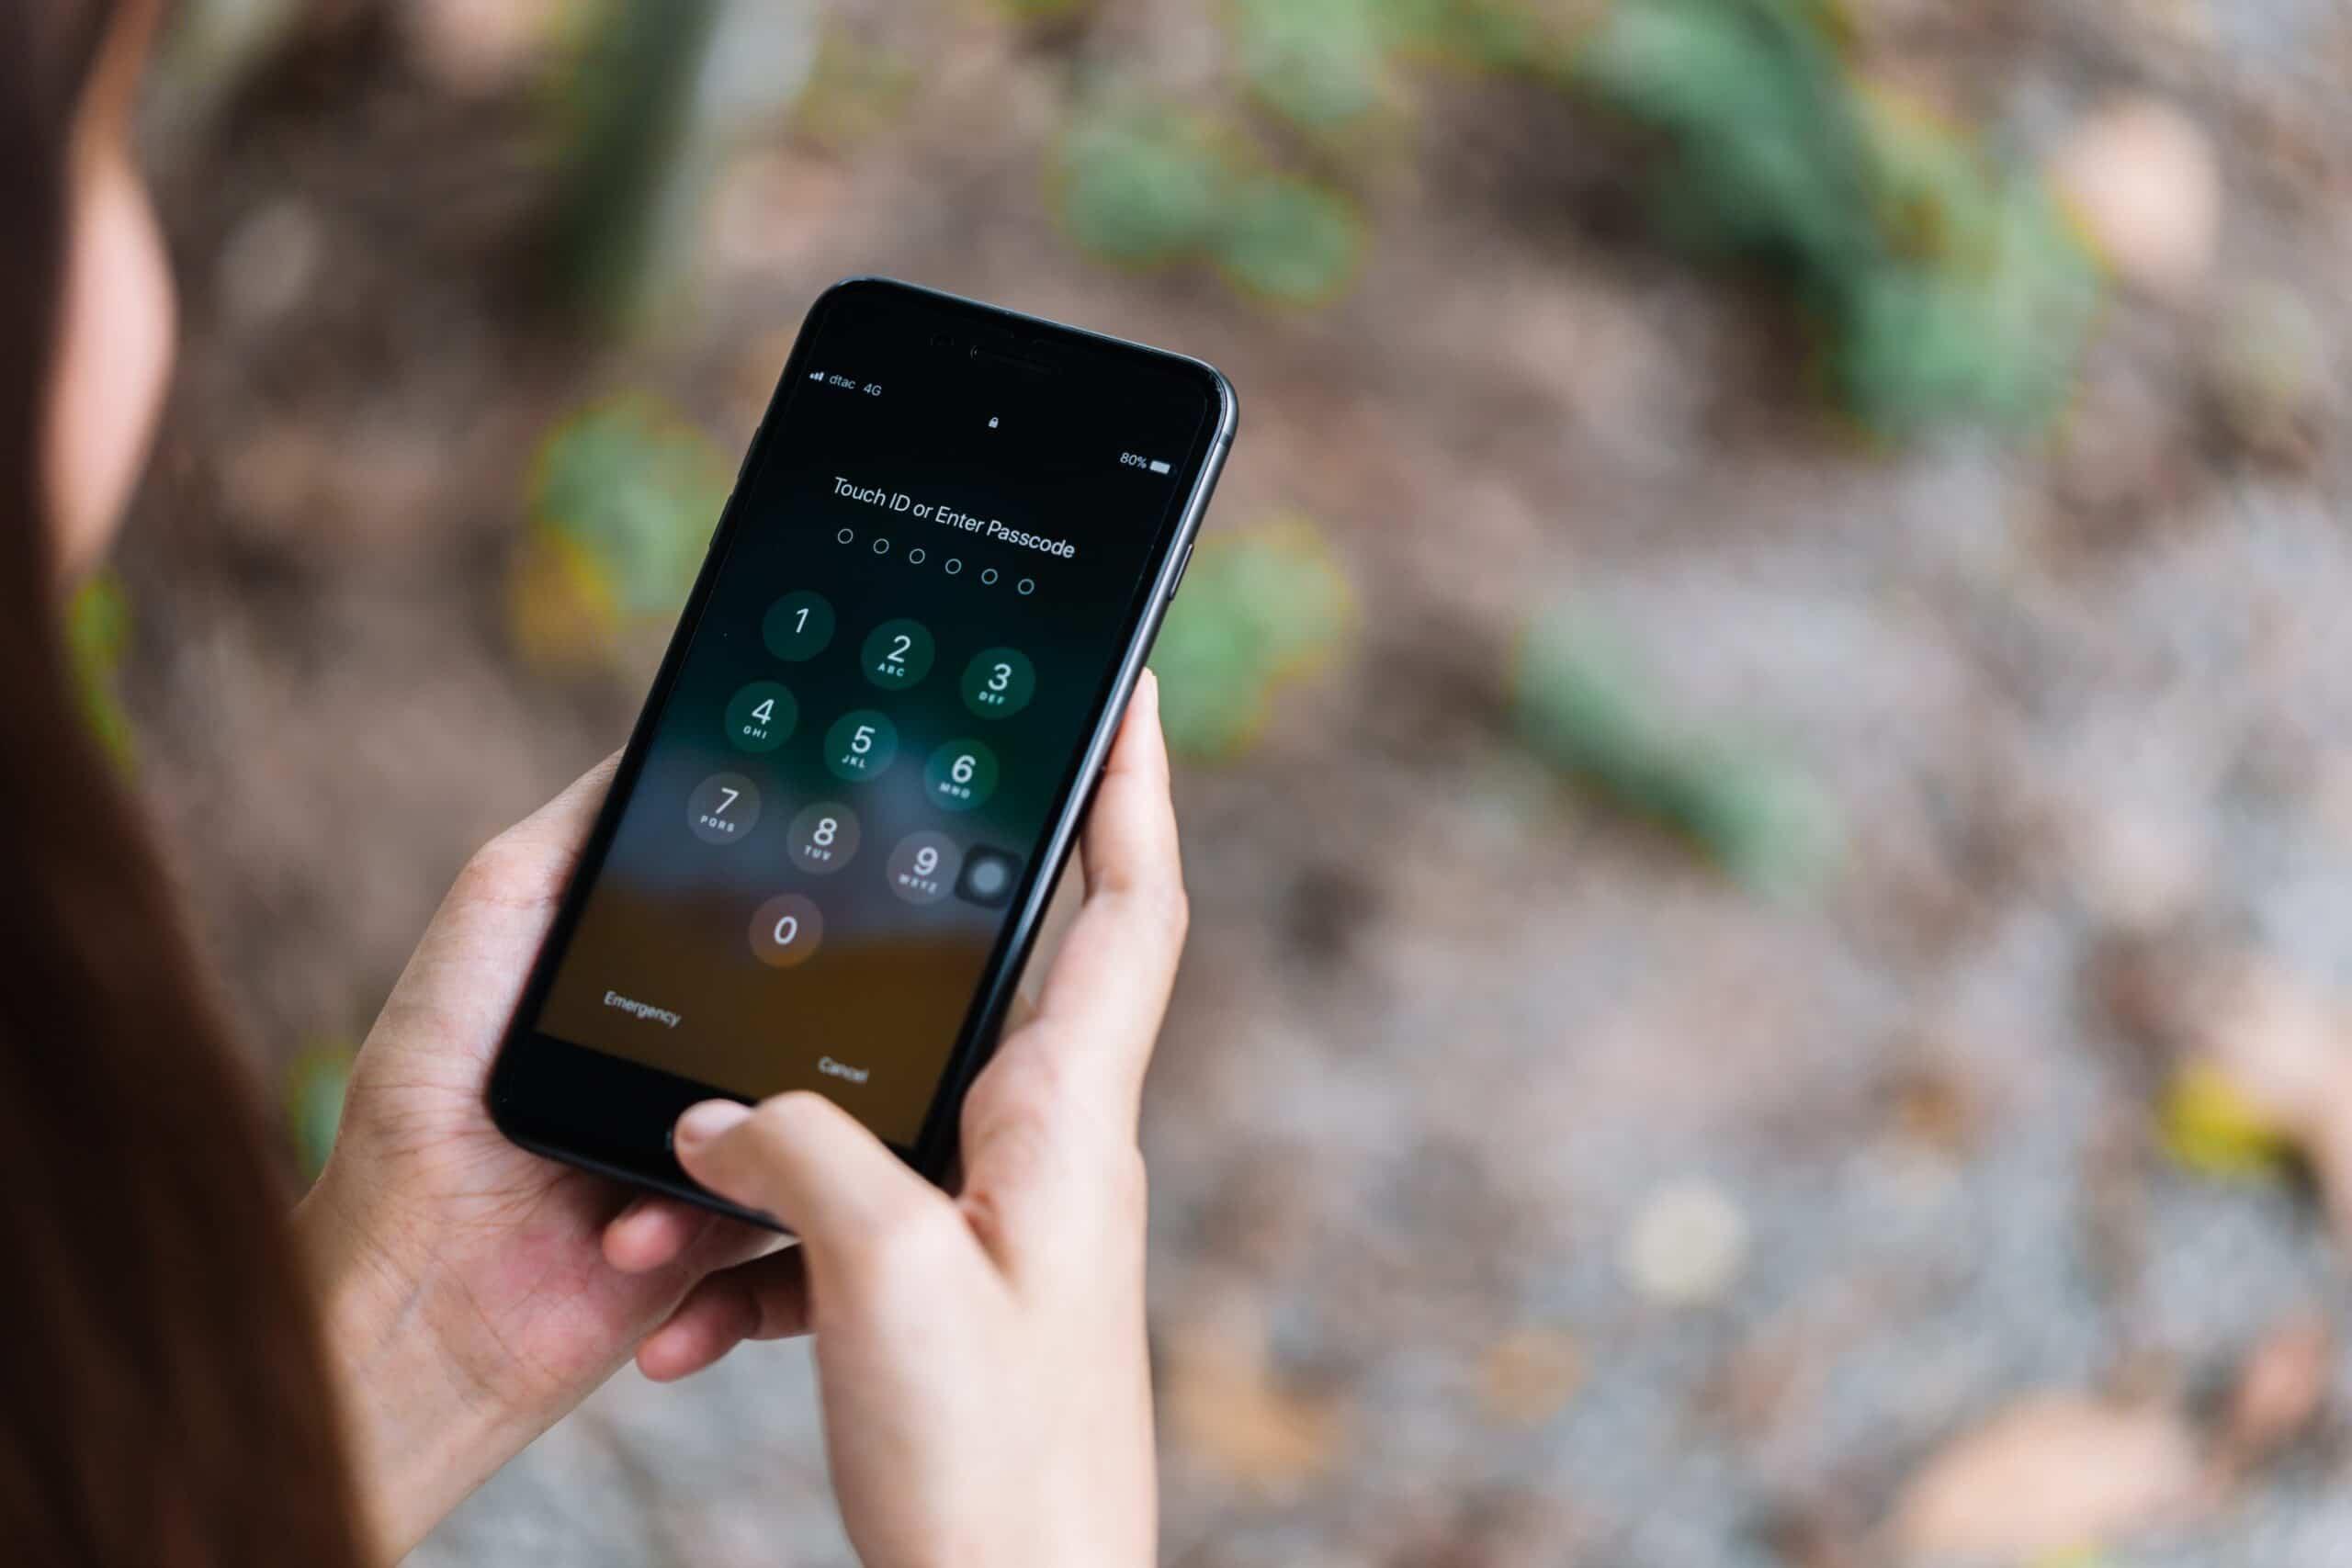 Digitando a senha em um iPhone